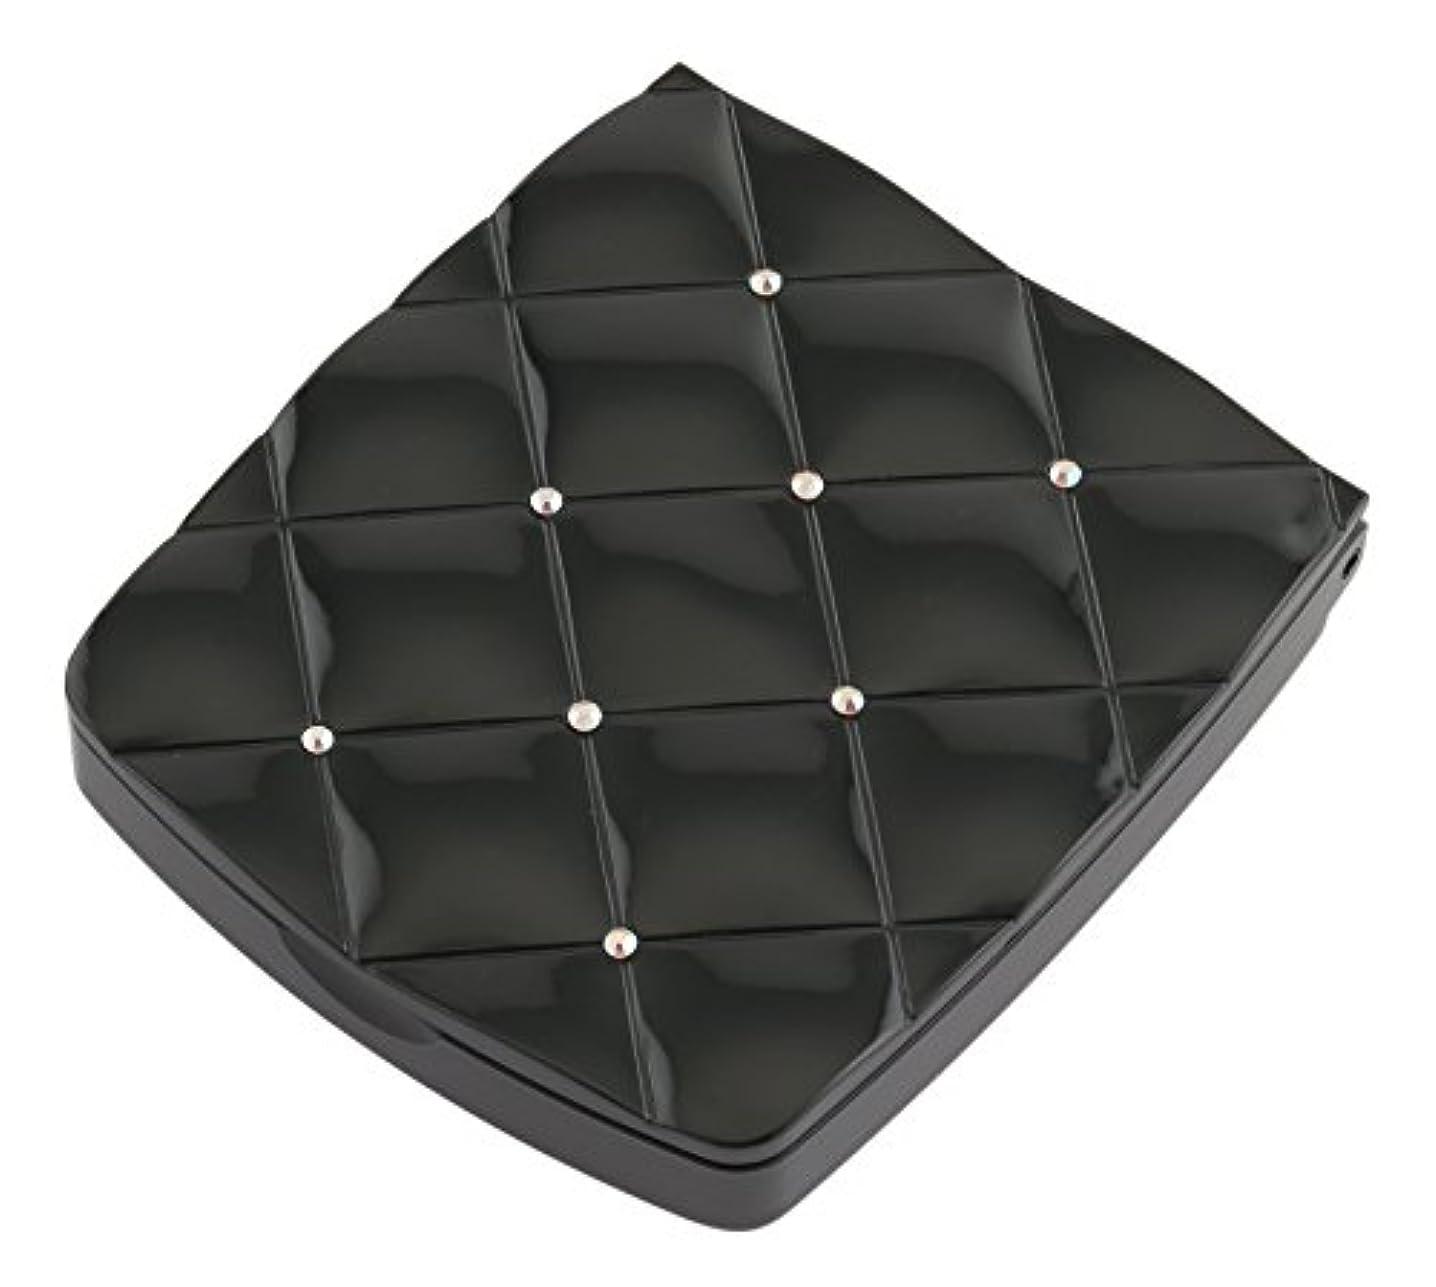 講師リンク水銀の貝印 LED付き約5倍拡大鏡 S 黒 KQ0332